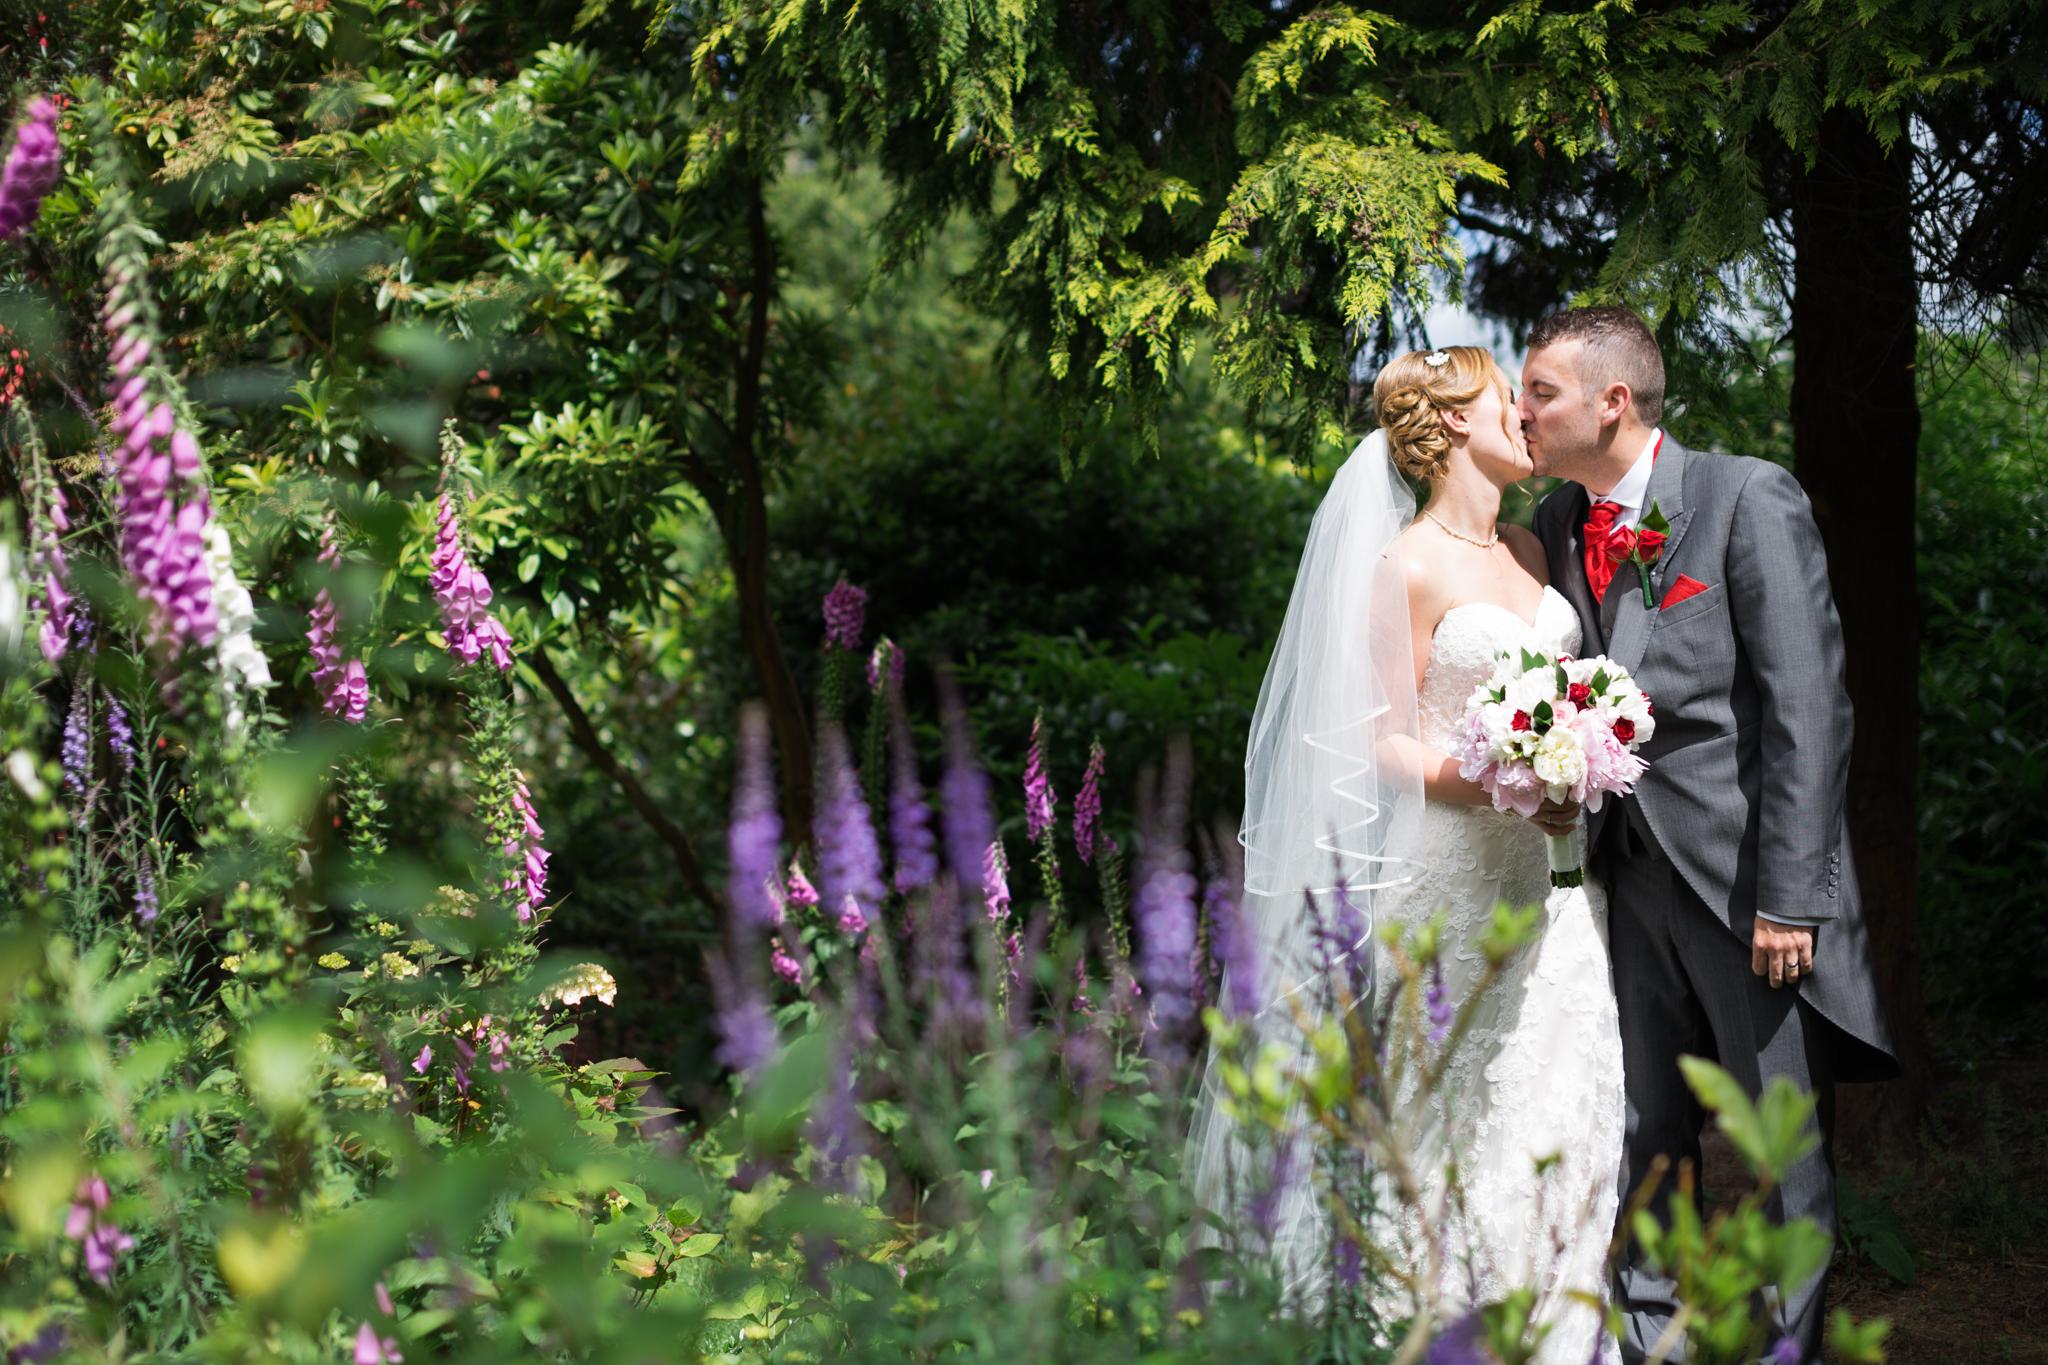 Simon_Rawling_Wedding_Photography-152.jpg